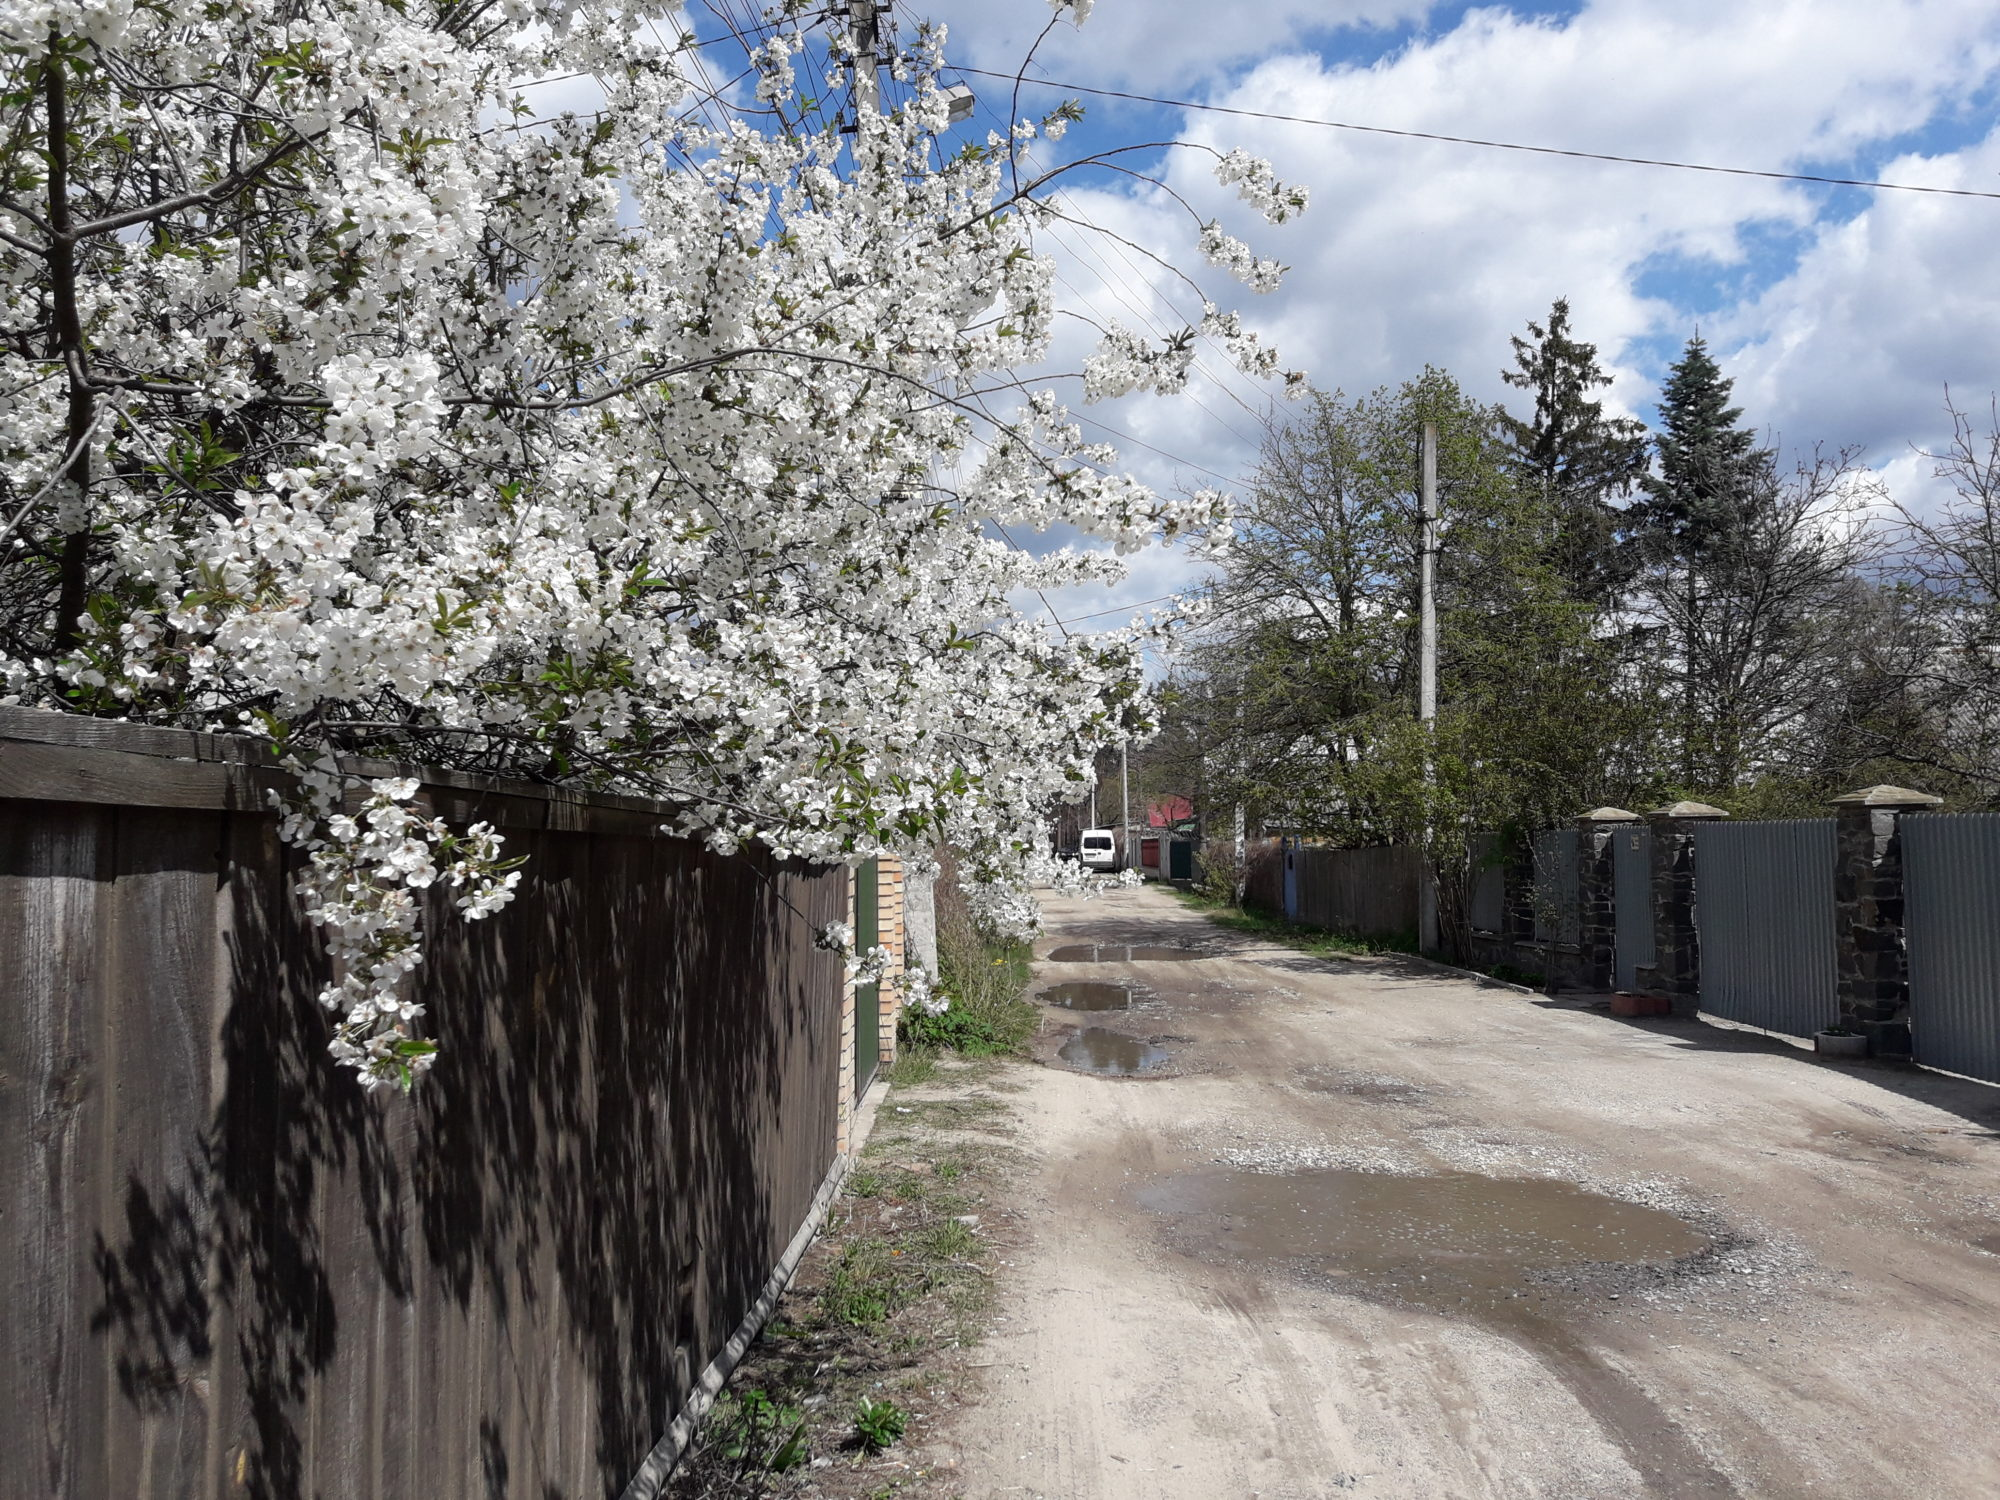 Ірпінь квітне: у місті настає пік цвітіння дерев та кущів (ФОТО) -  - 20200427 122515 2000x1500